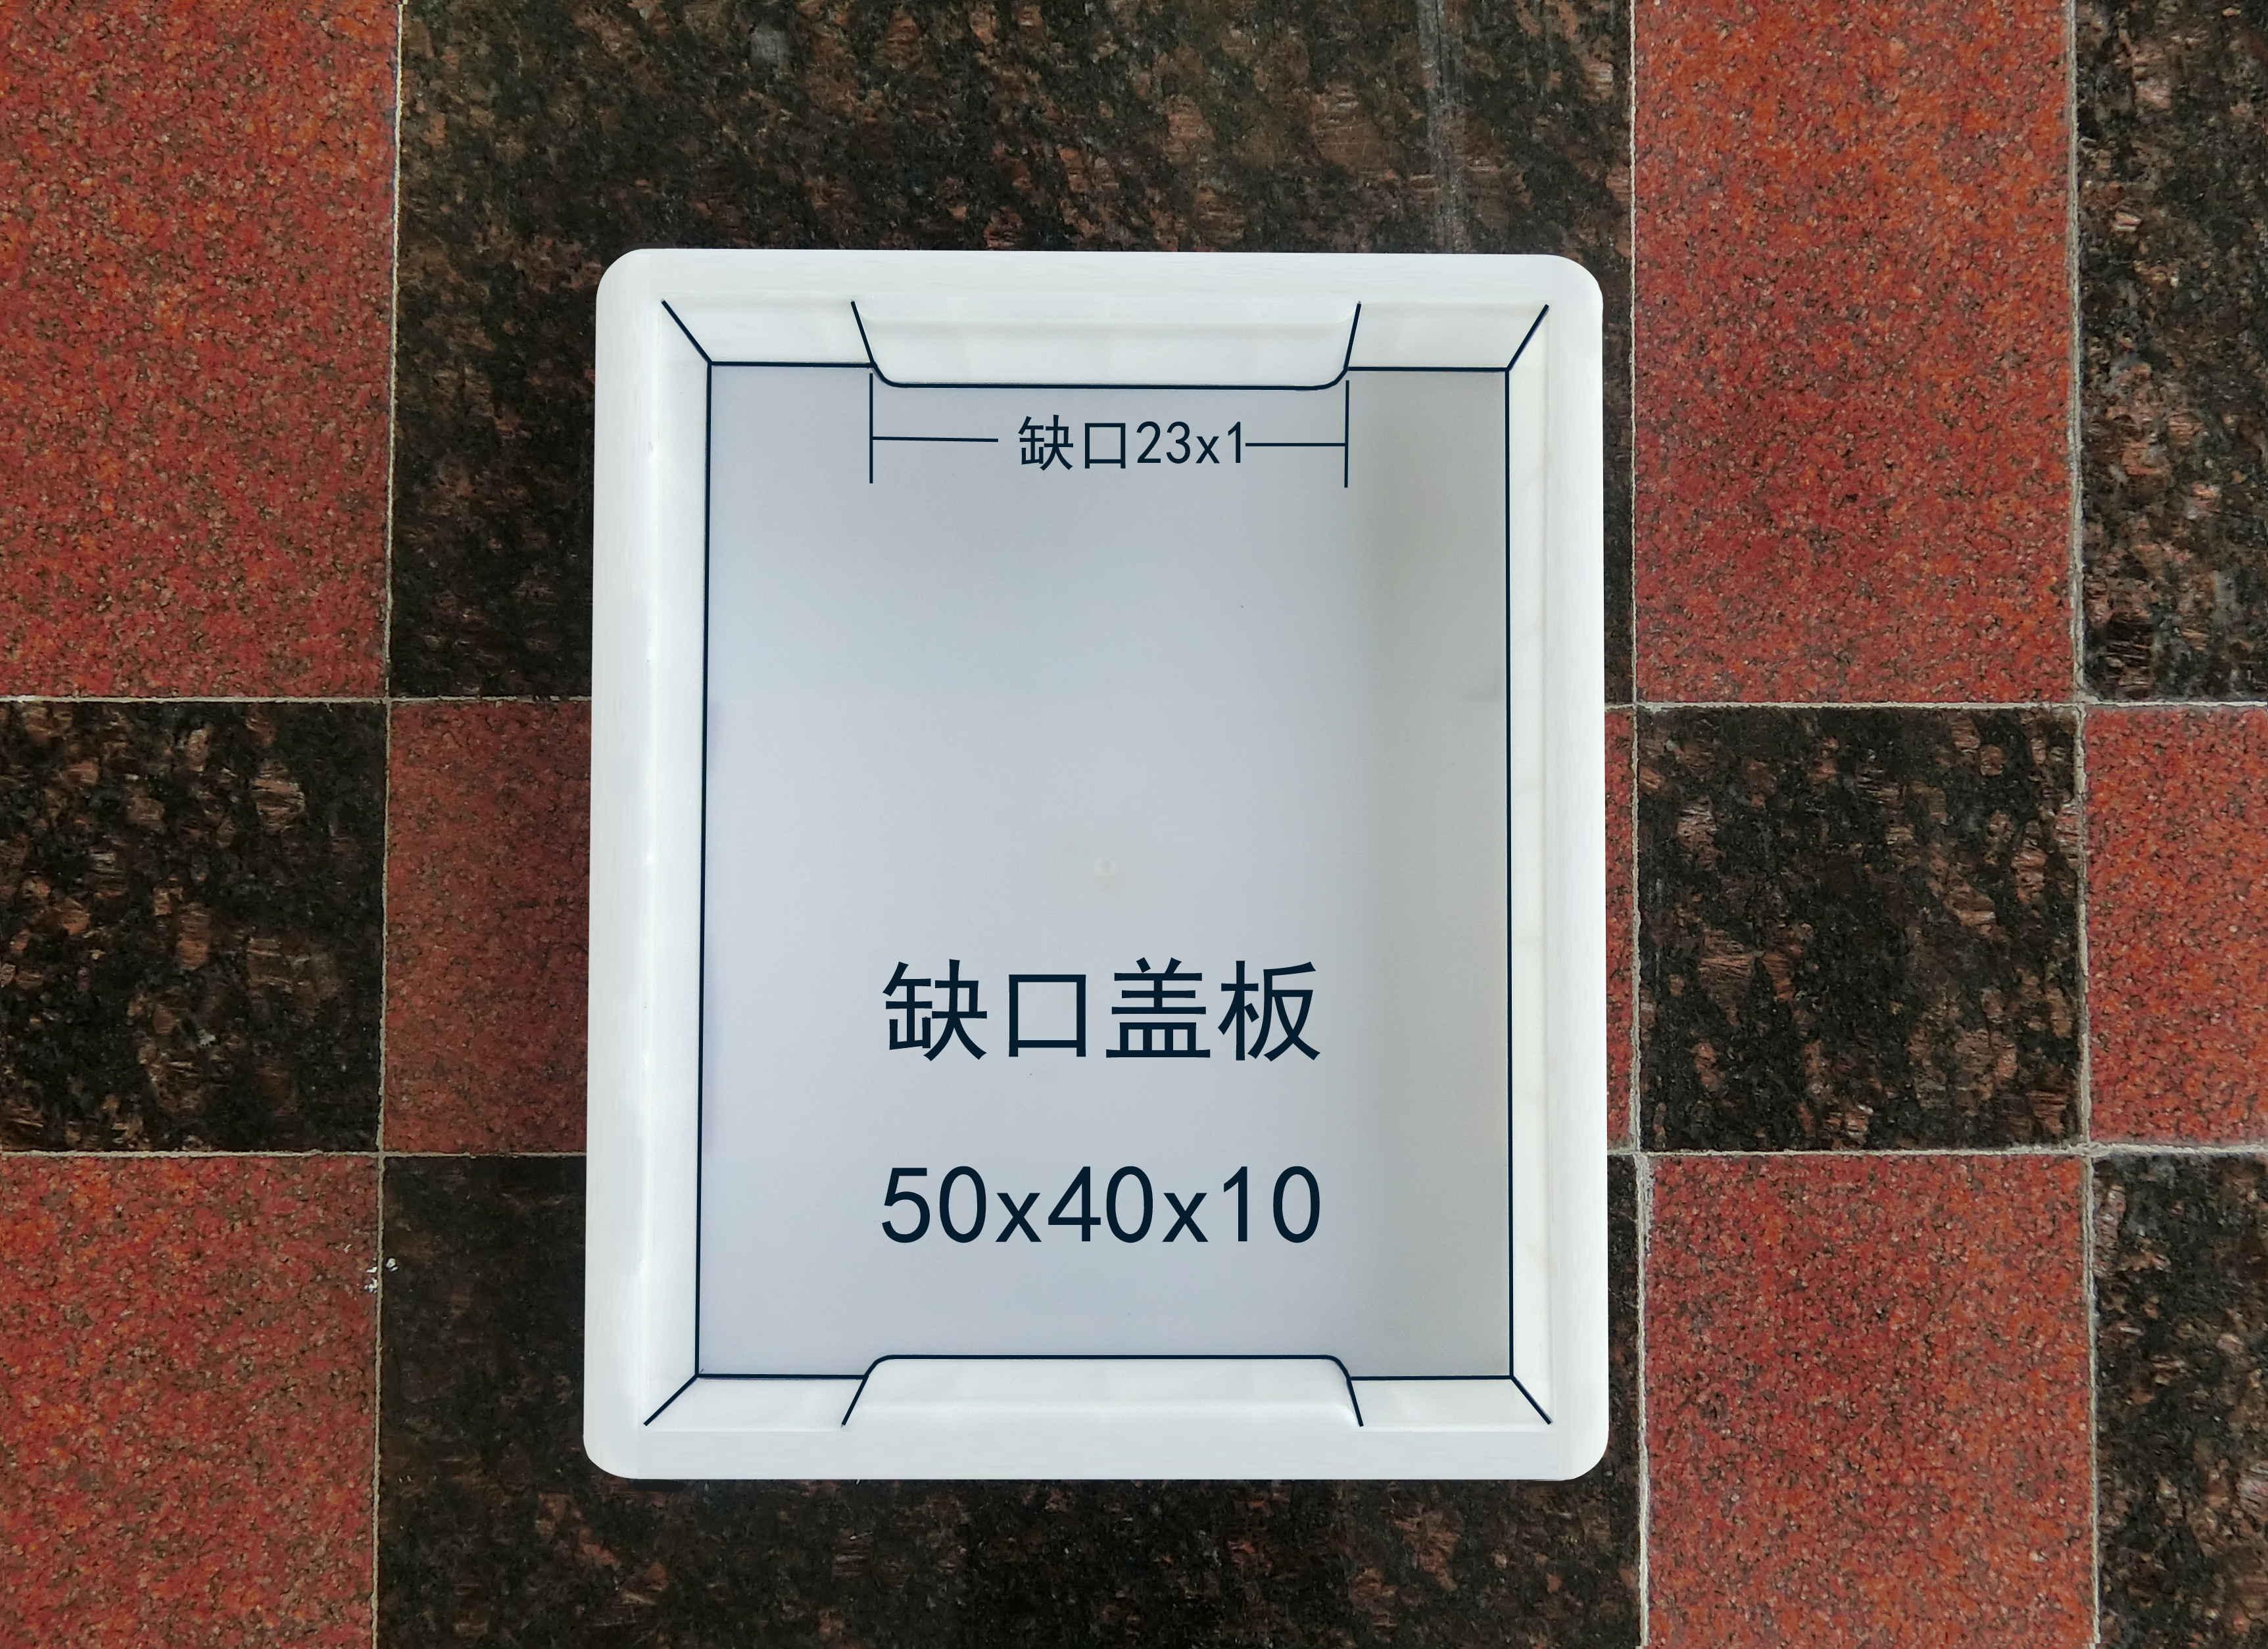 缺口盖板:50x40x10(1058g)